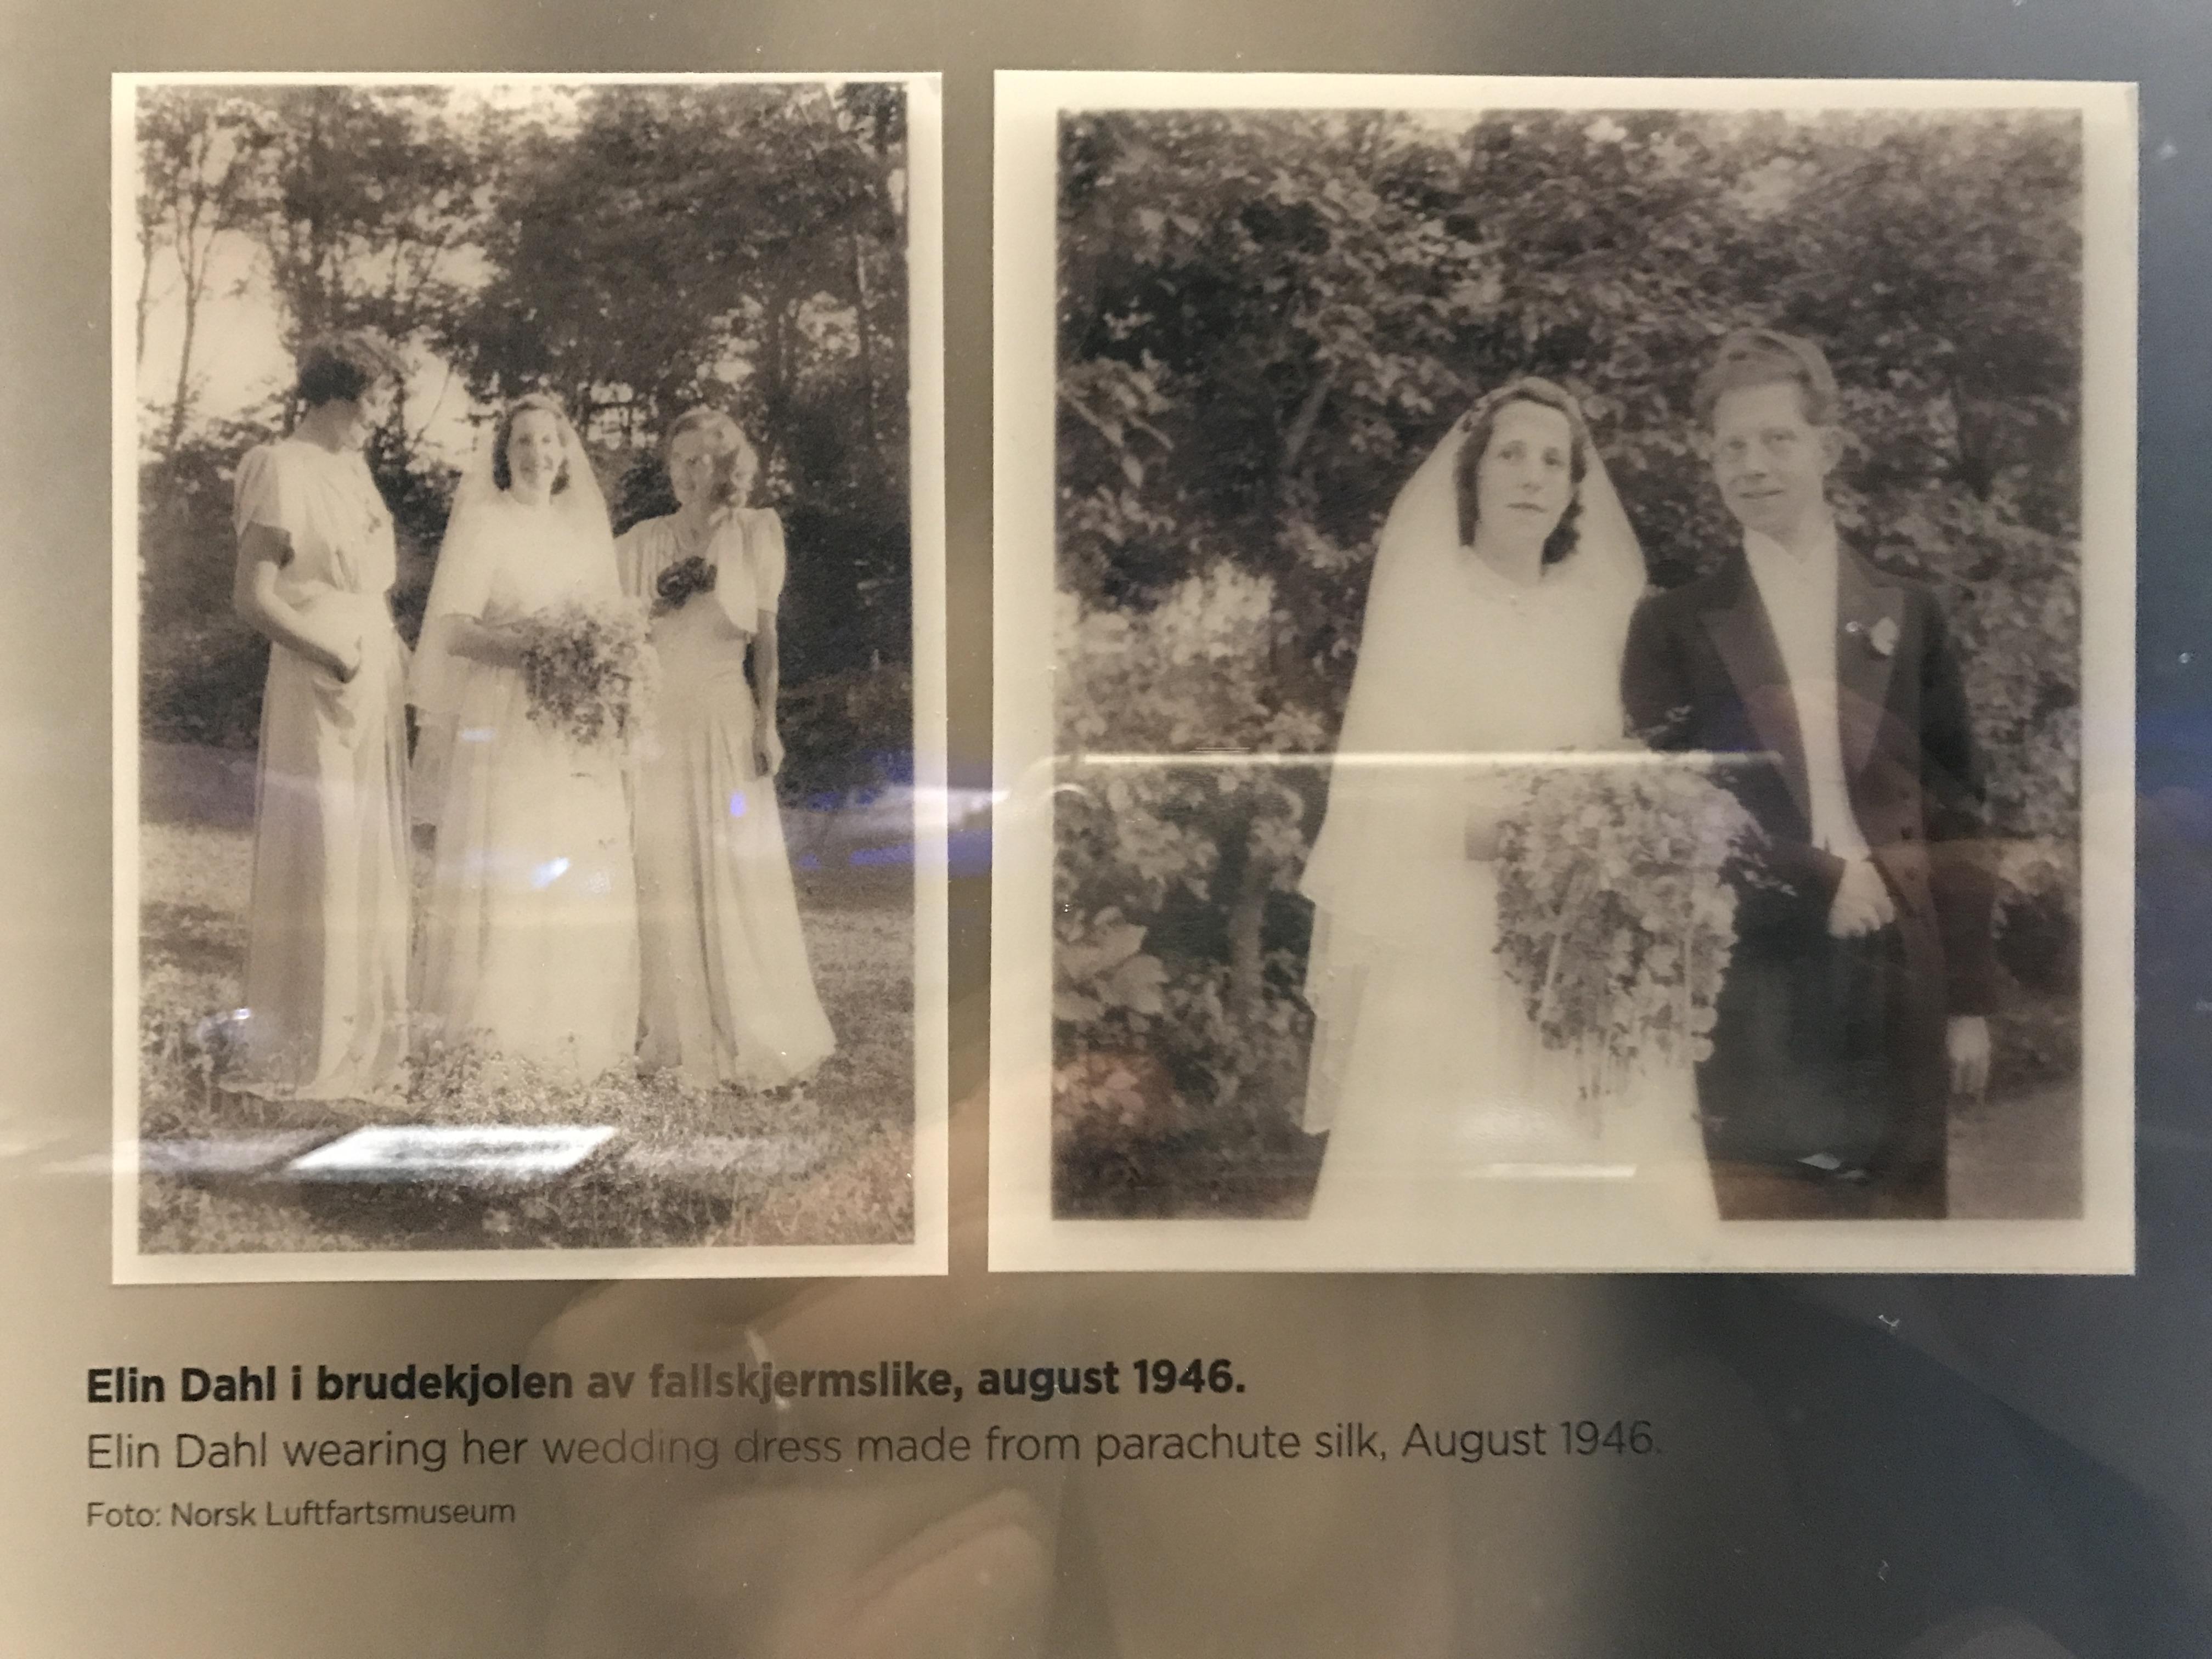 Bild eines Brautpaars